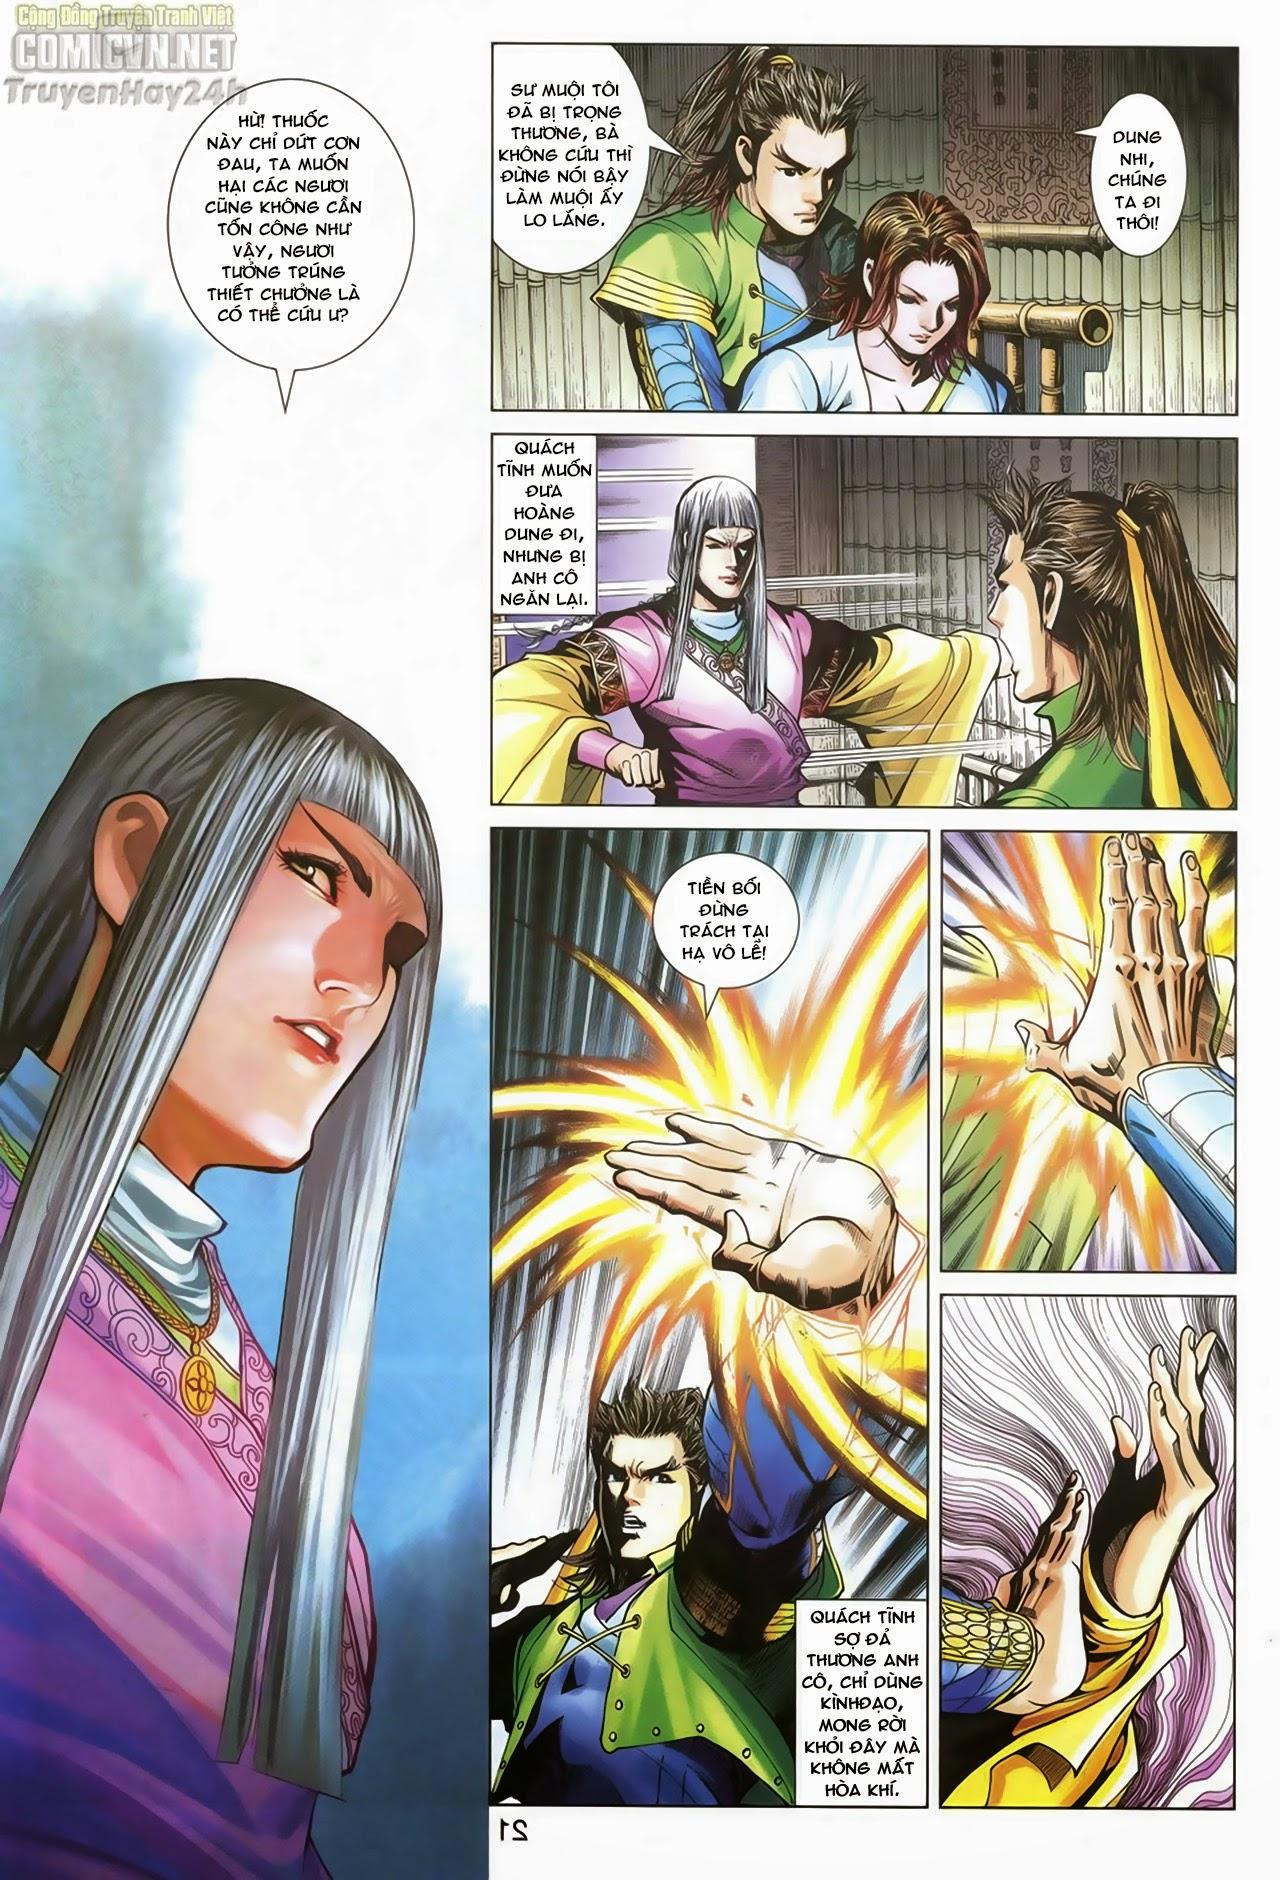 Anh Hùng Xạ Điêu anh hùng xạ đêu chap 70: hắc chiểu ẩn nữ trang 22